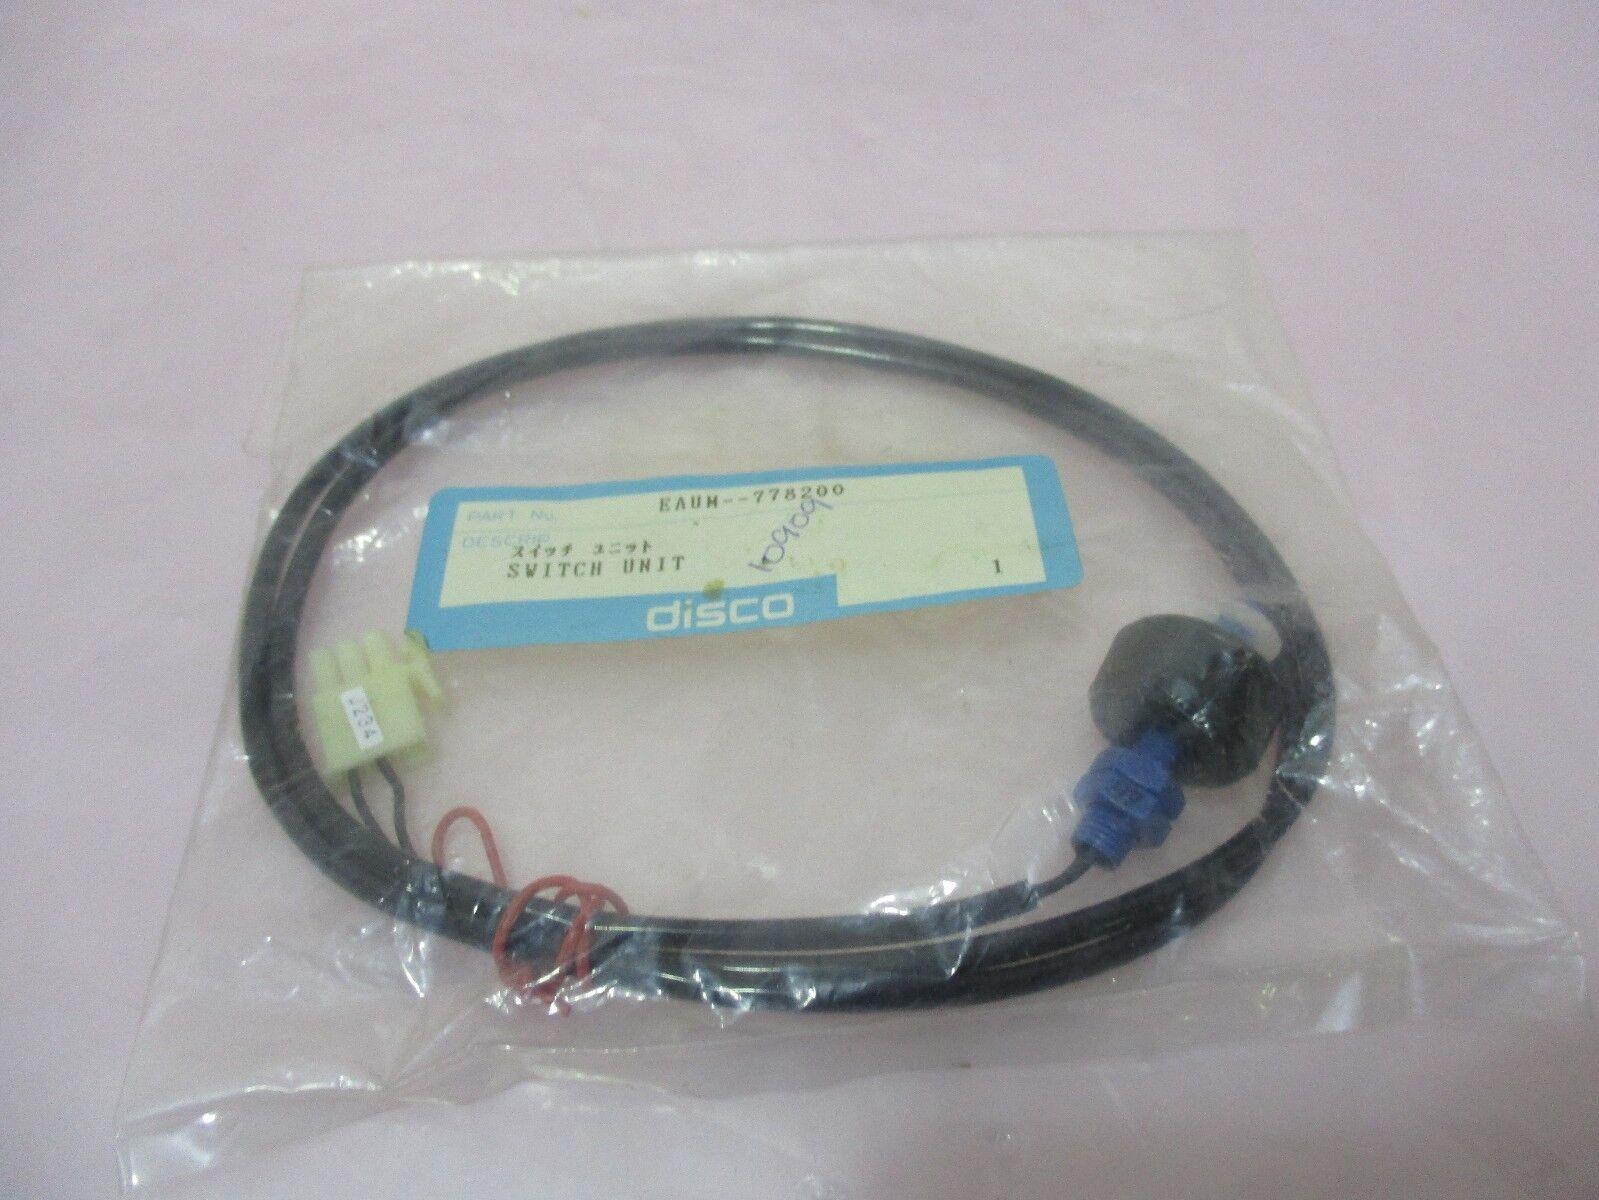 Disco EAUM-778200 Switch unit, FLTS113, 420824